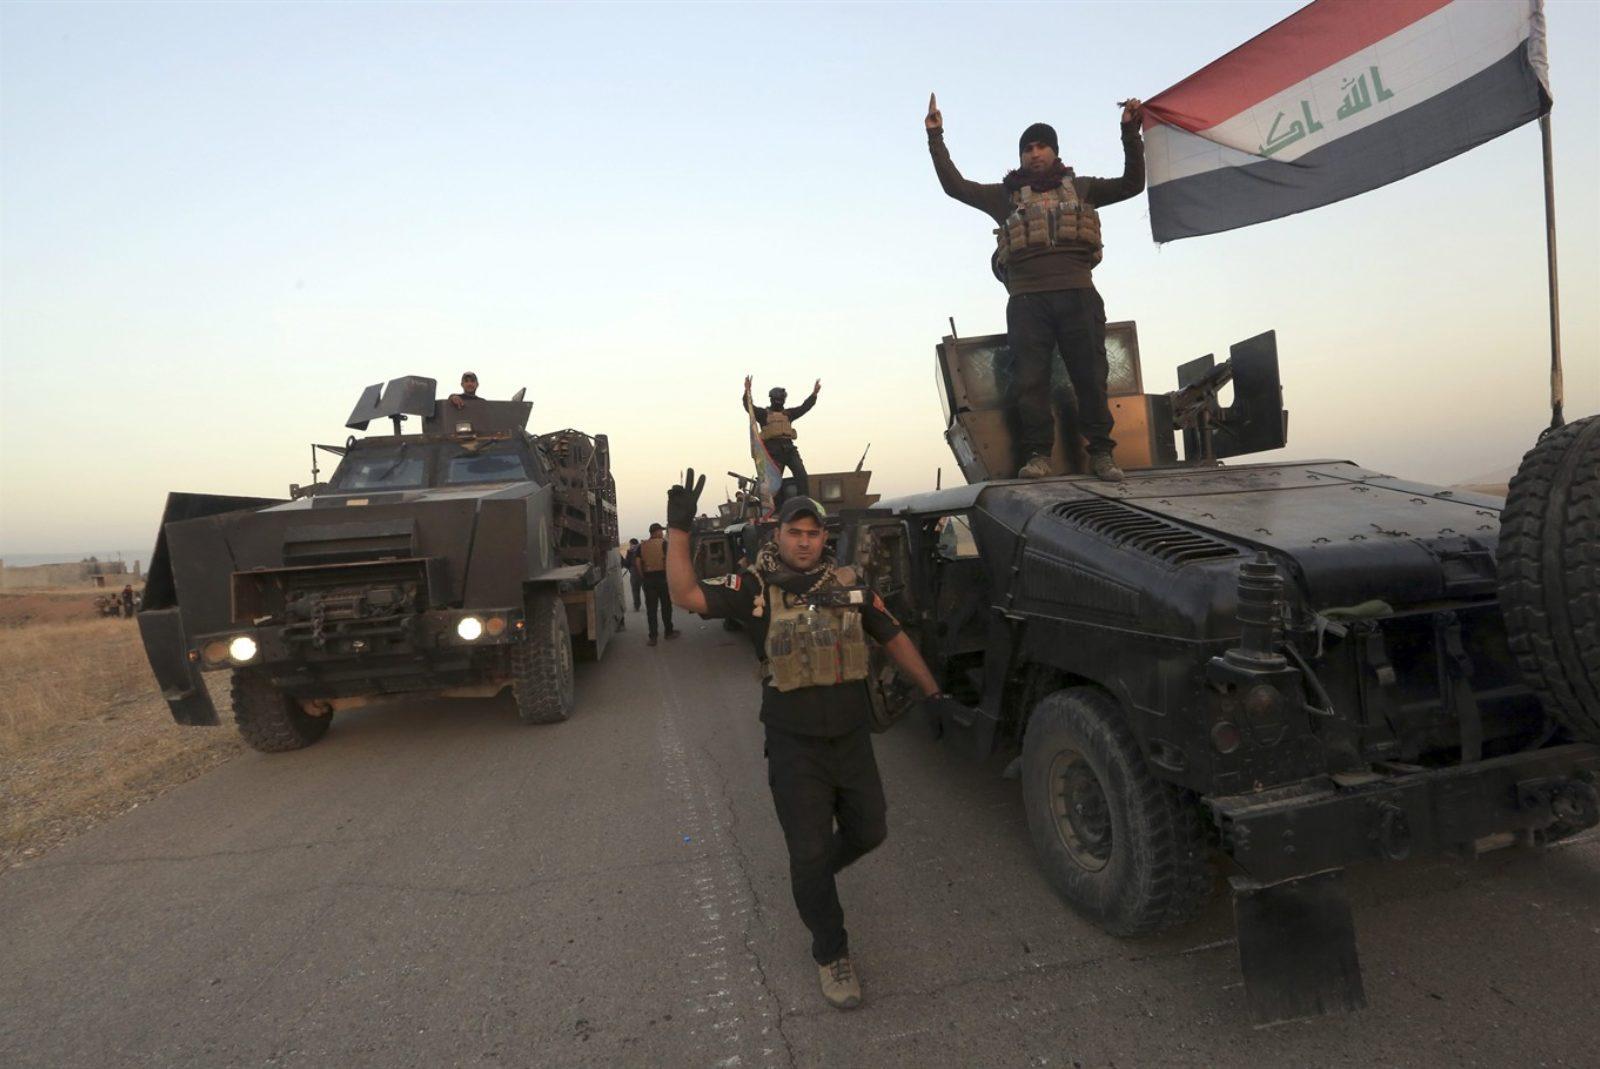 La fine dell'ISIS a Mosul?